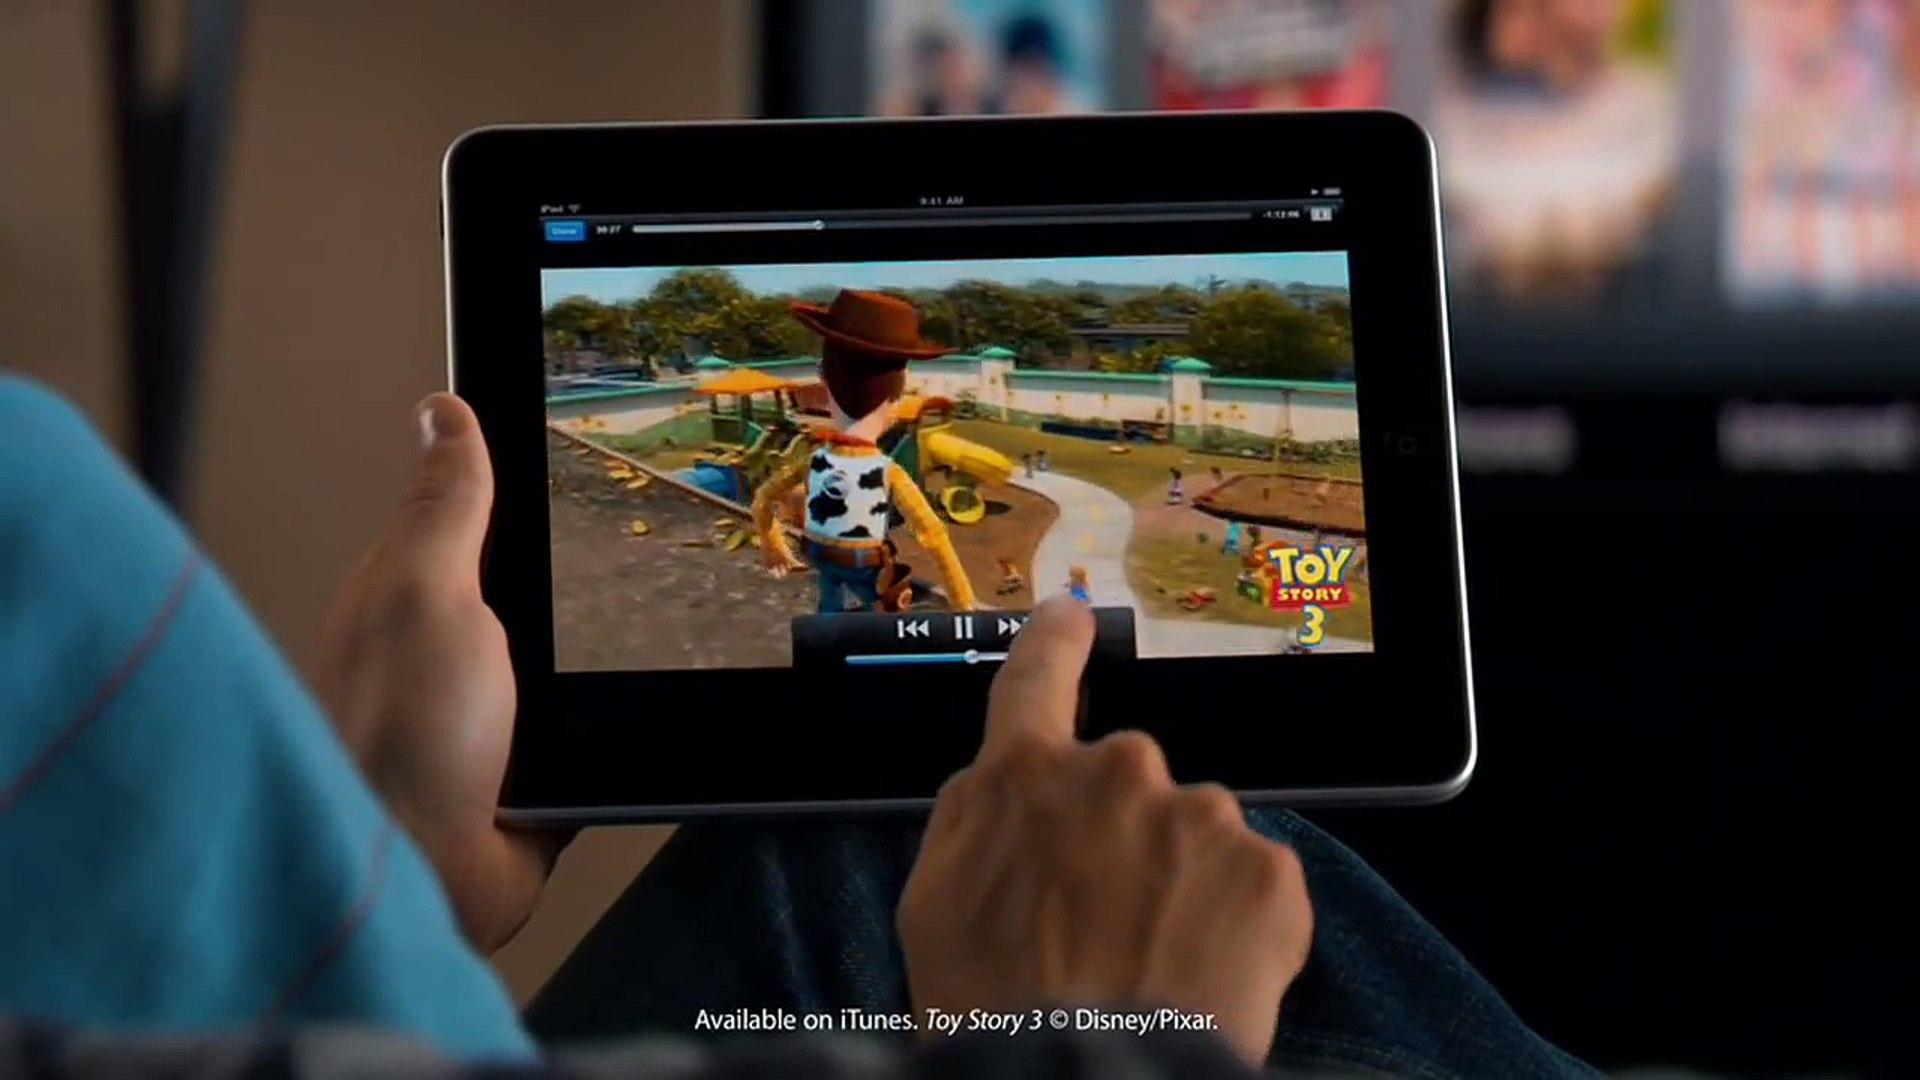 Apple iOS AirPlay